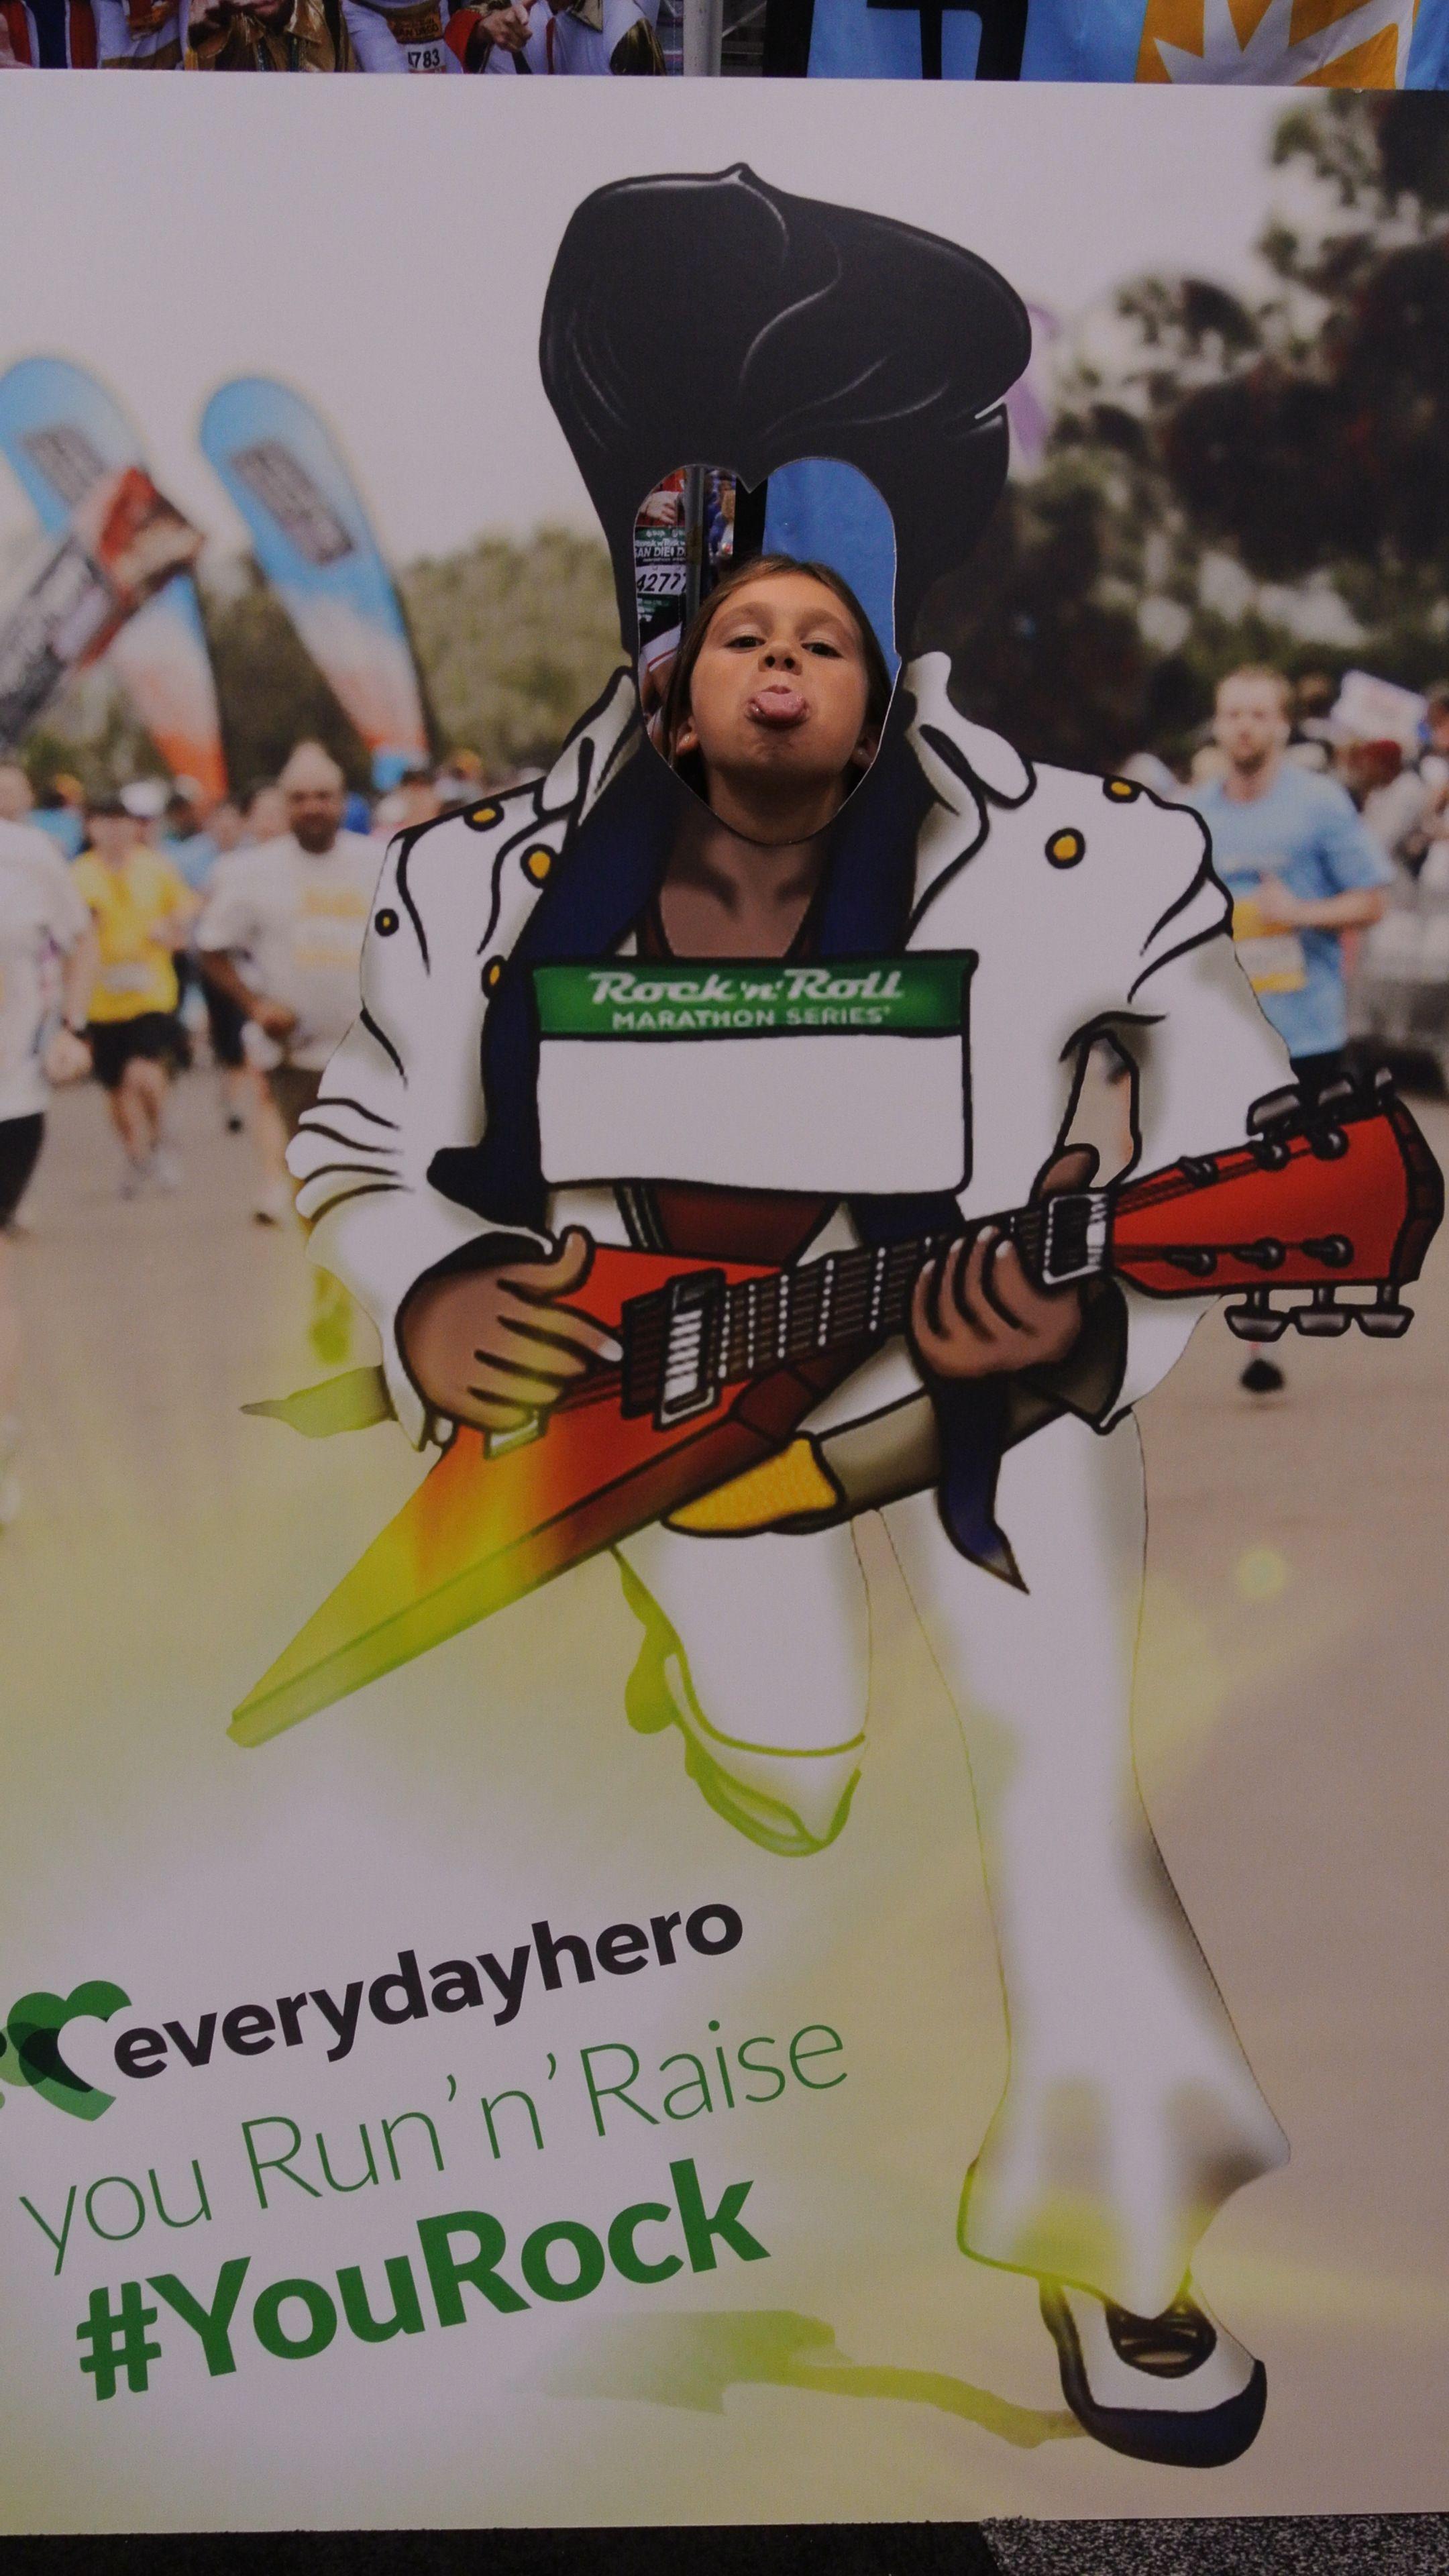 #RnRVB #YouRock #RunNRaise